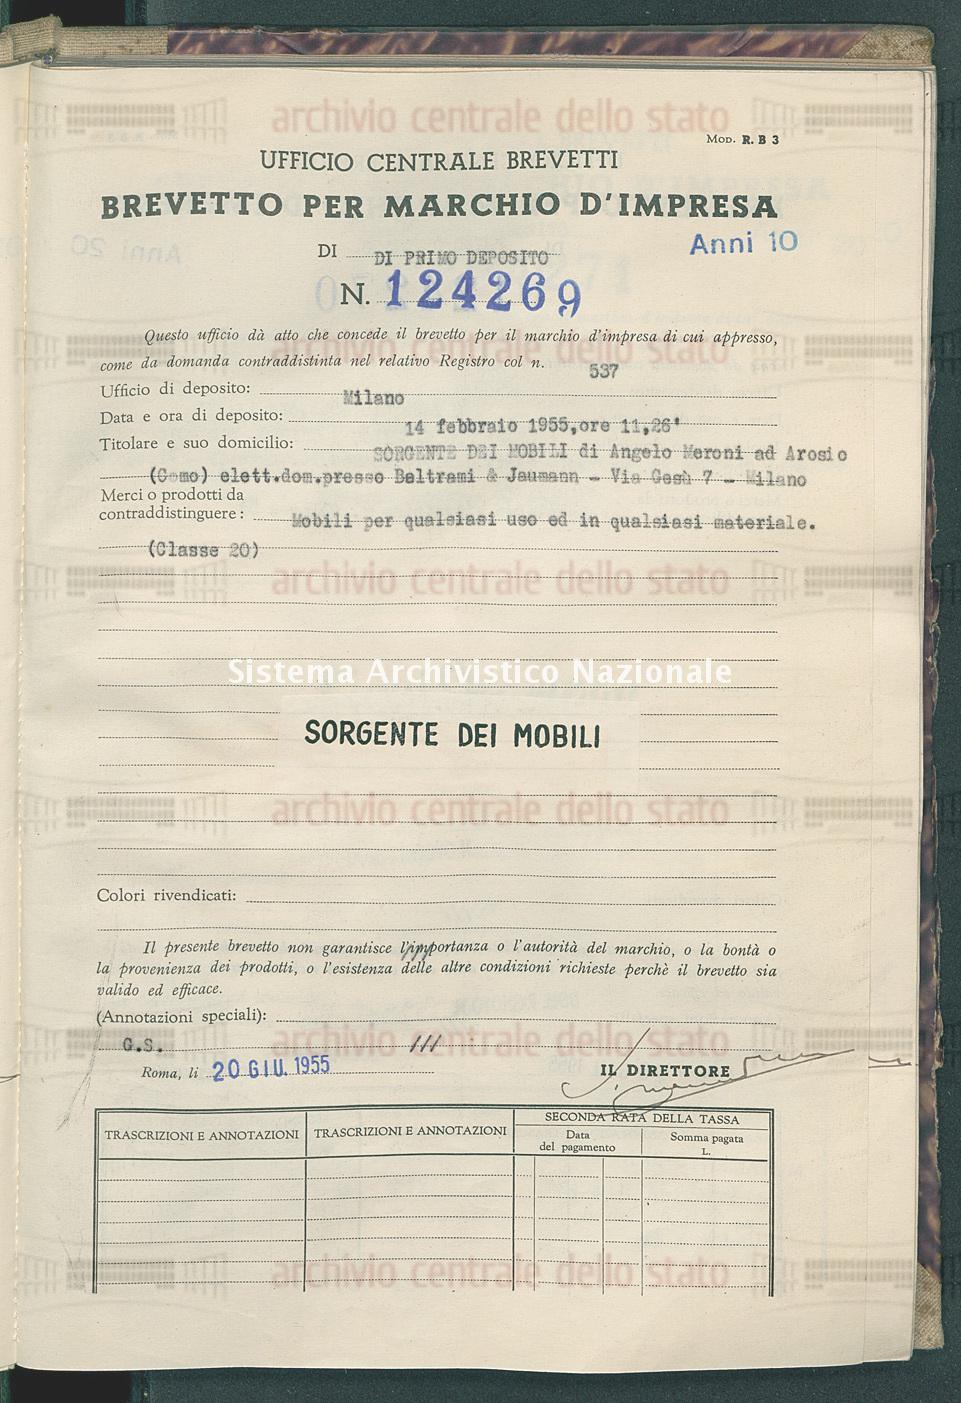 Mobili per qualsiasi uso ecc. Sorgente Dei Mobili Di Angelo Meroni (20/06/1955)